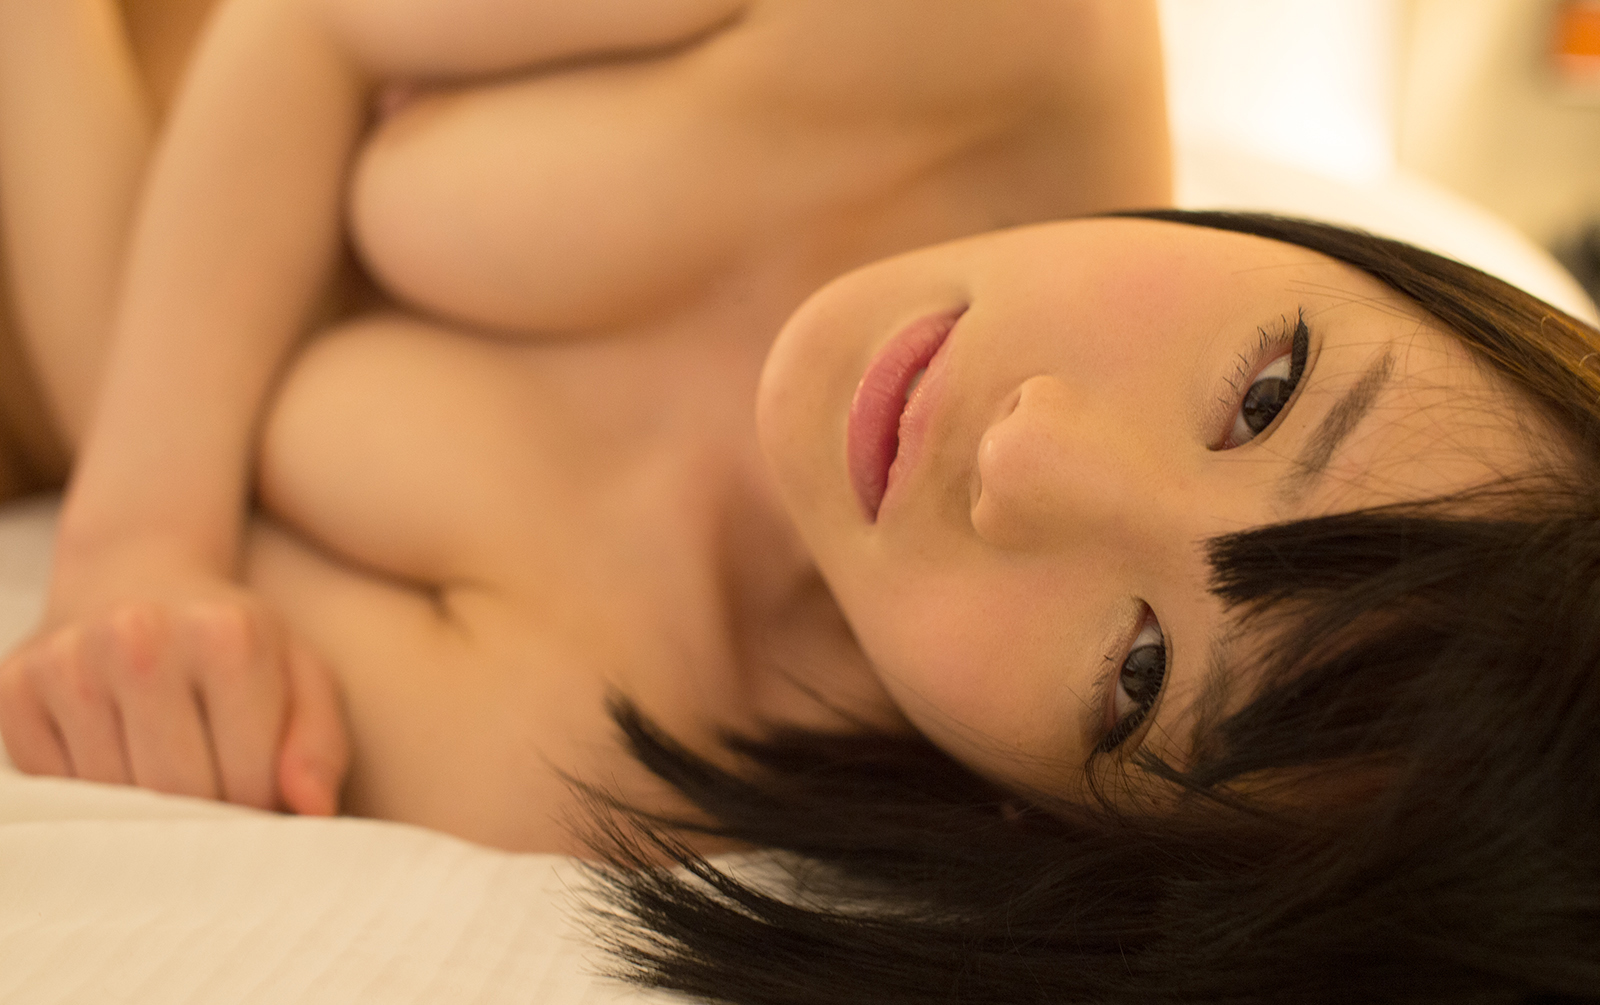 鈴村あいり 画像 74